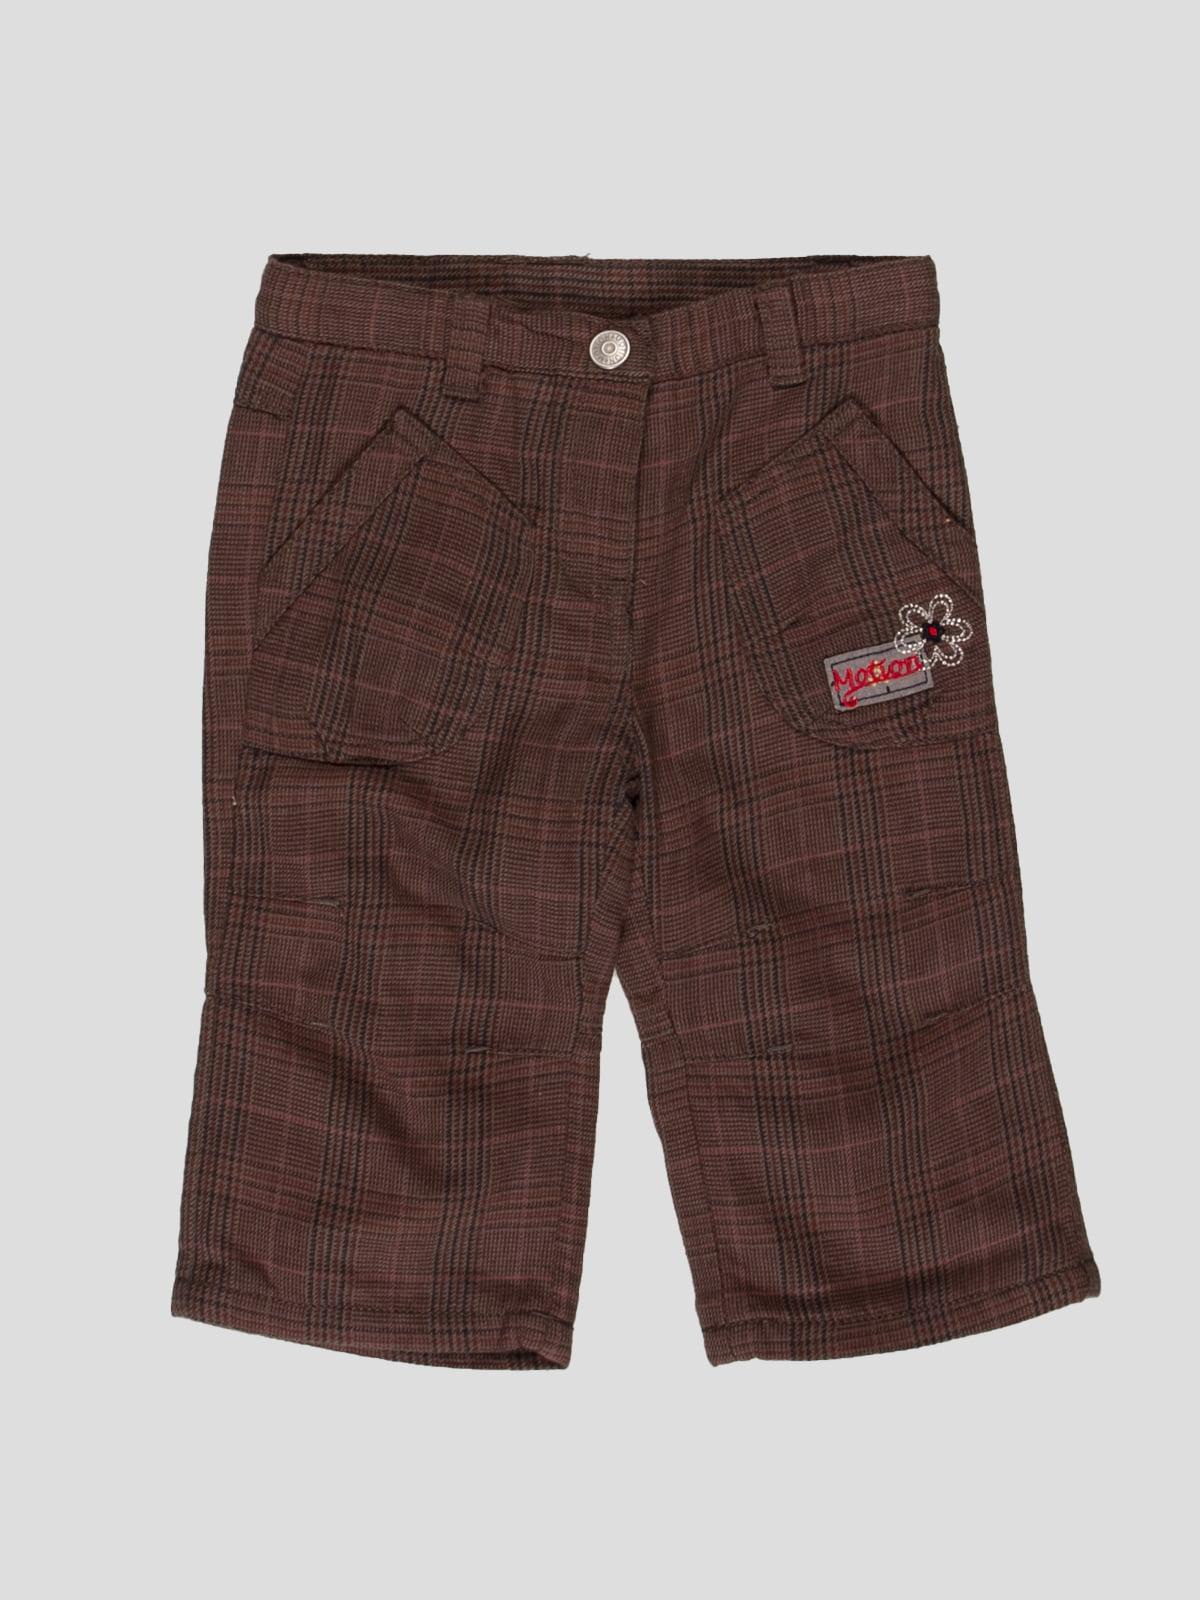 С чем носить клетчатые брюки серые – с лампасами, серые ... | 1600x1200